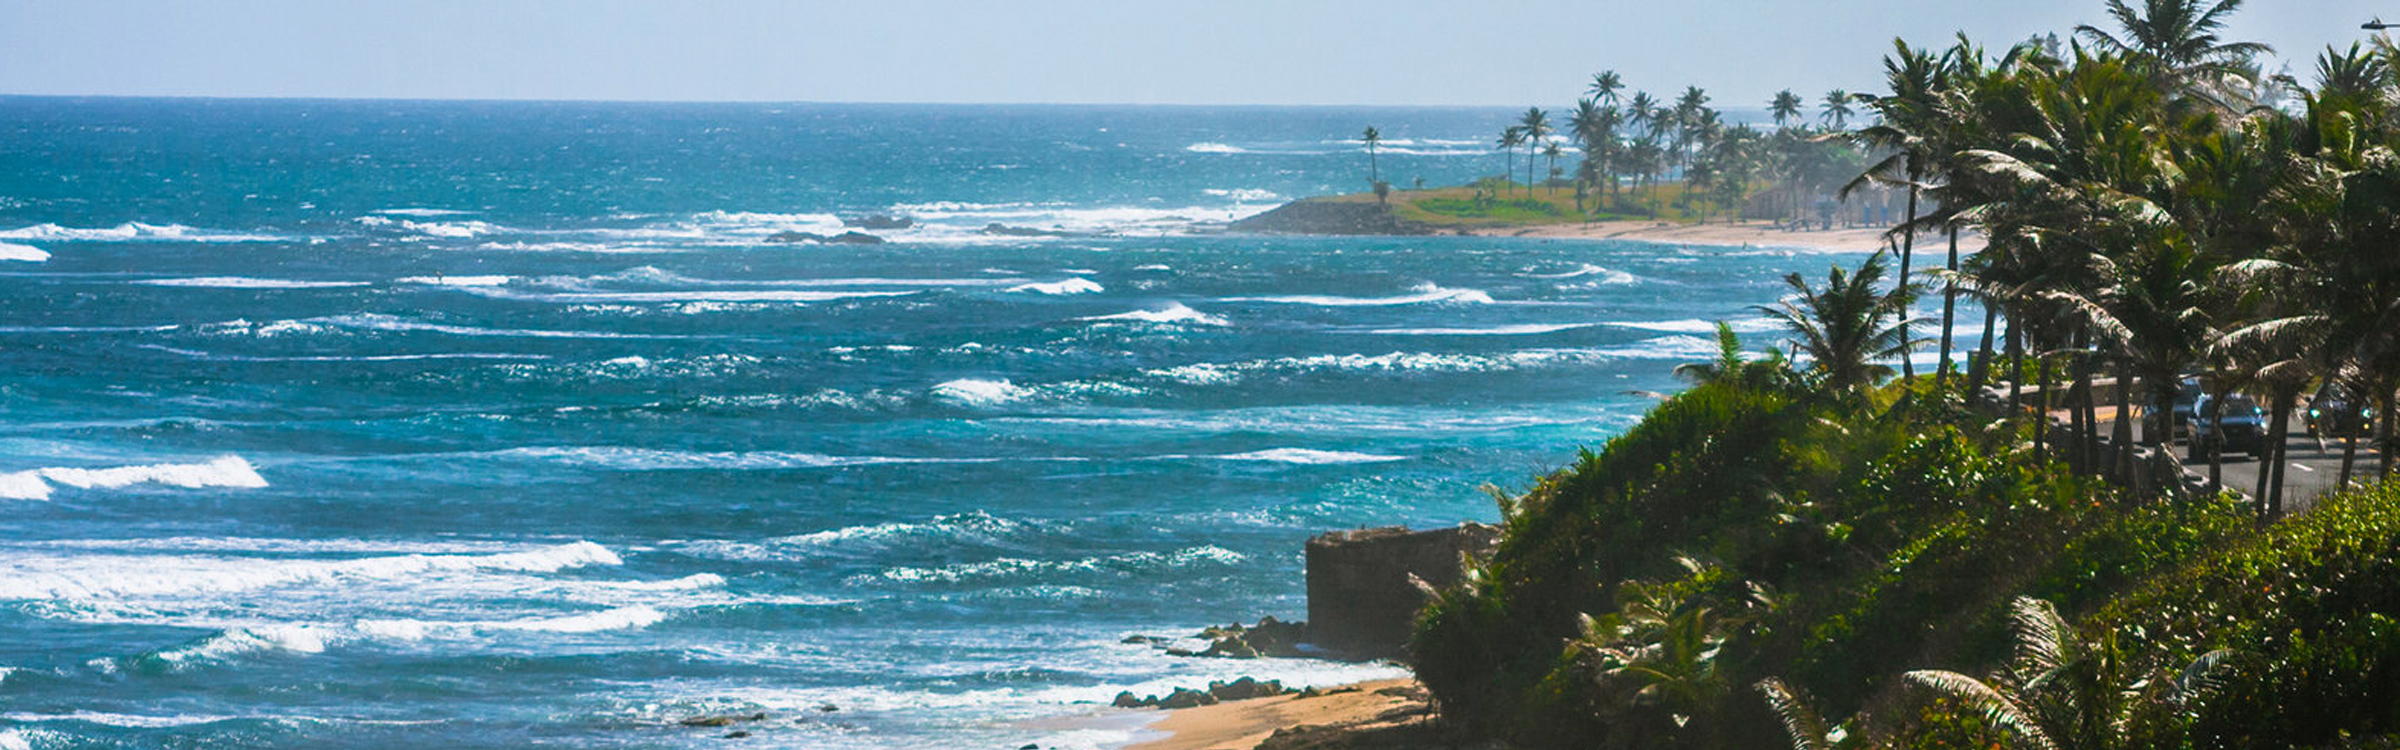 Puertoricoh